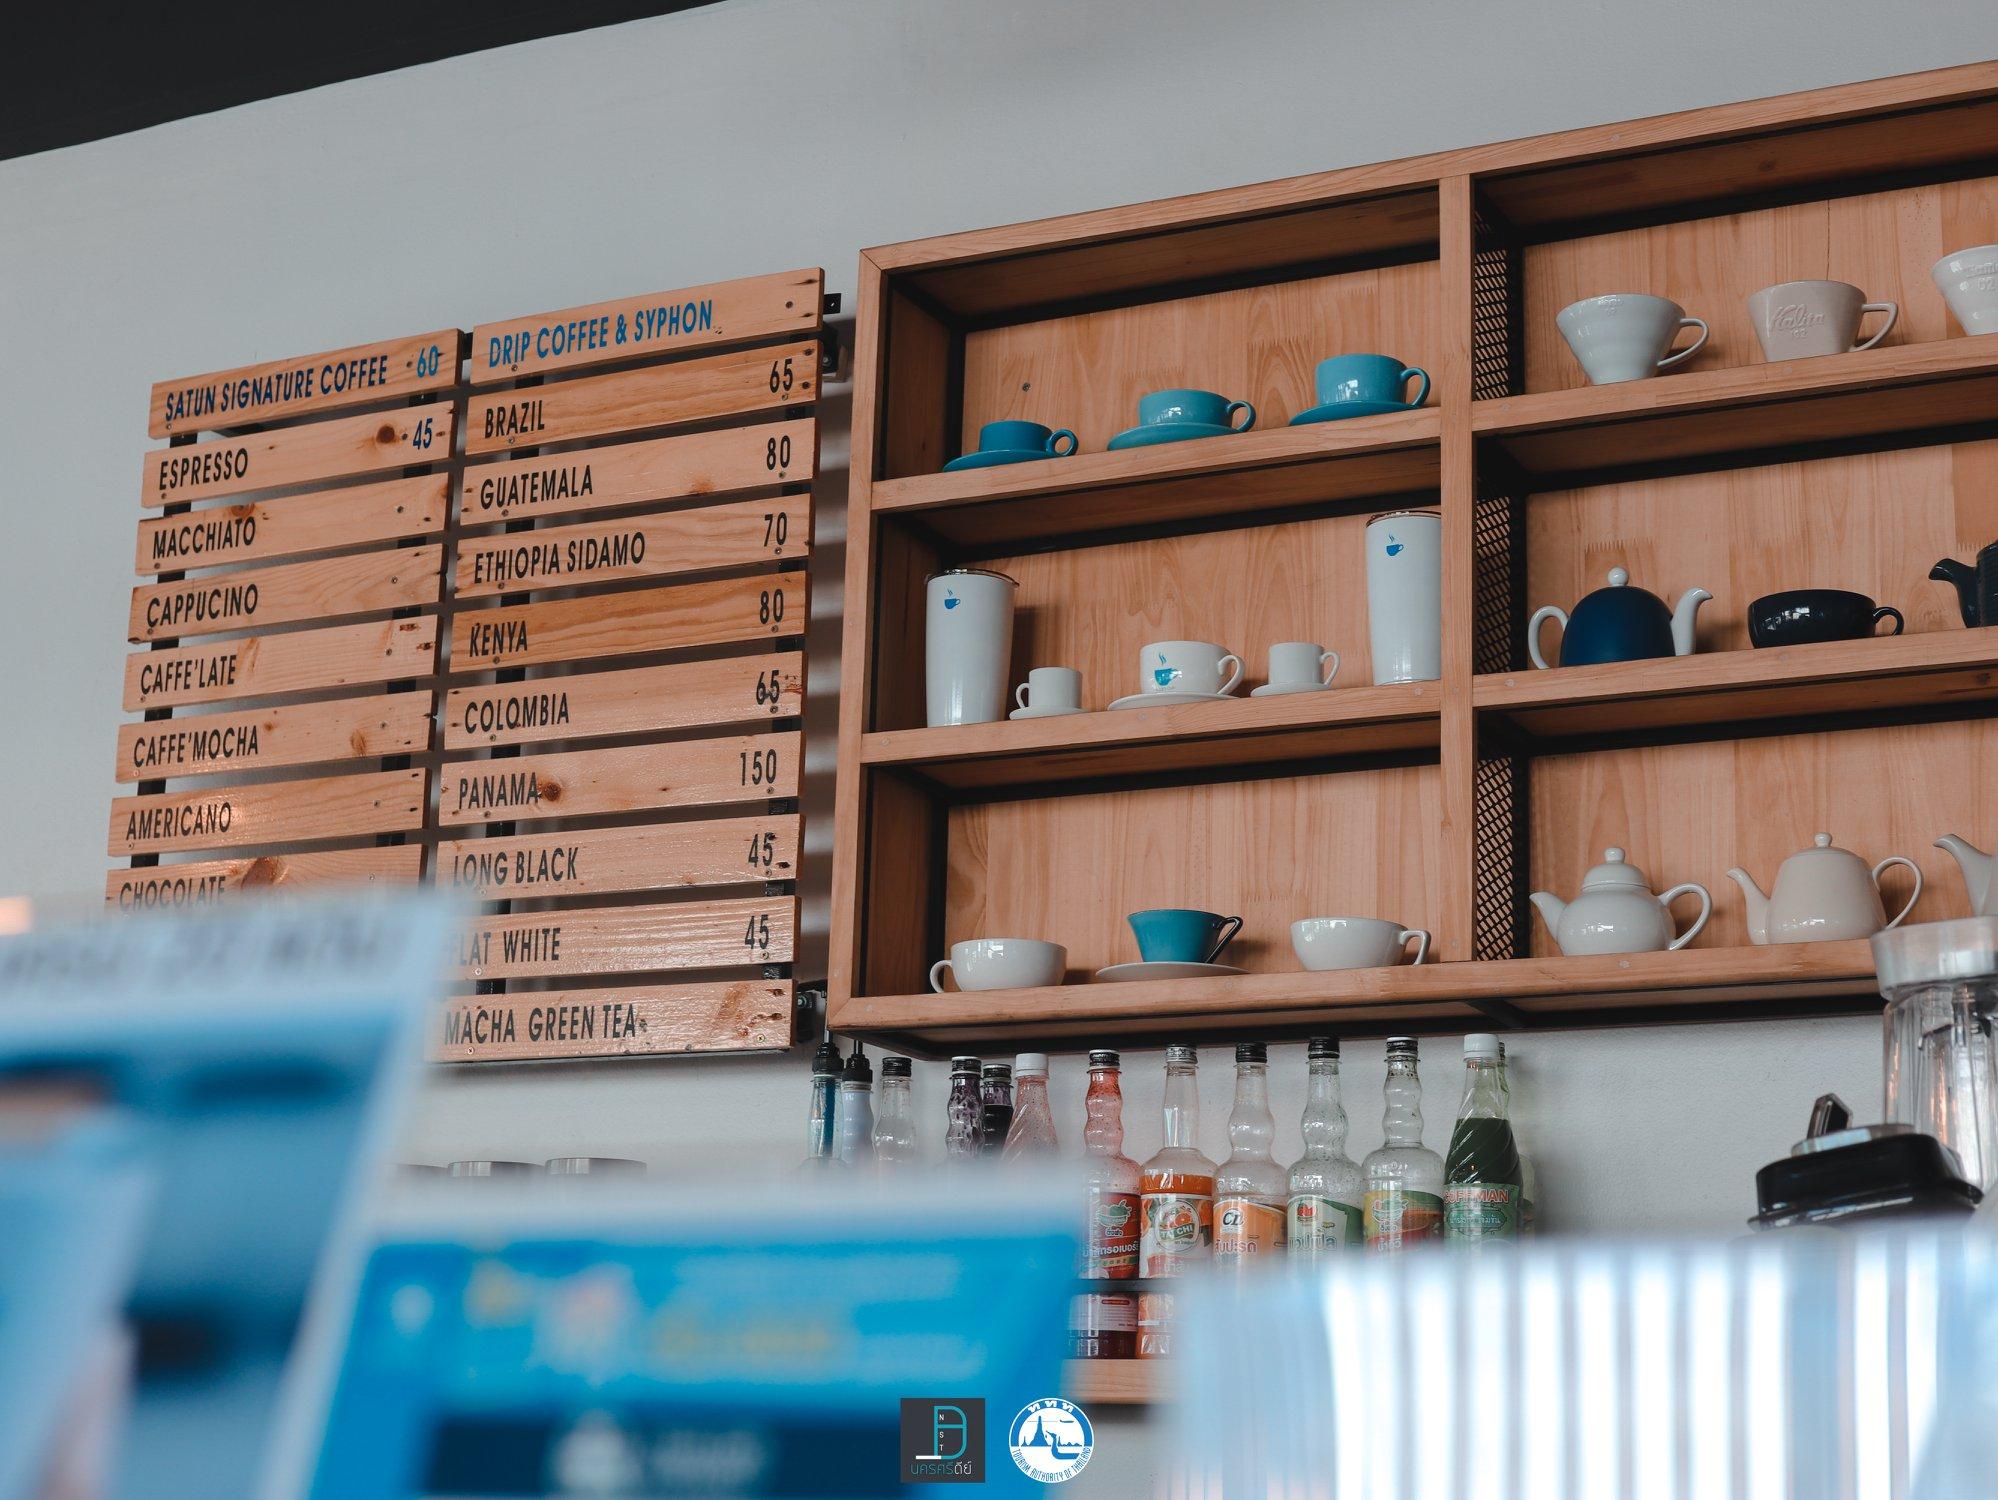 ร้านตกแต่งด้วย-โทน-Cup-เก๋ๆ-สไตล์-Blue---White-คุมโทนสวยเลยแหละ-ใครมาร้านนี้ก็ต้องใส่ชุดขาว-หรือสีฟ้าจะสวยเลย--รึปล่าว-แอดมั่วๆๆ--5555 คาเฟ่,สตูล,เด็ด,จุดเช็คอิน,อร่อย,ร้านอาหาร,จุดถ่ายรูป,สถานที่ท่องเที่ยว